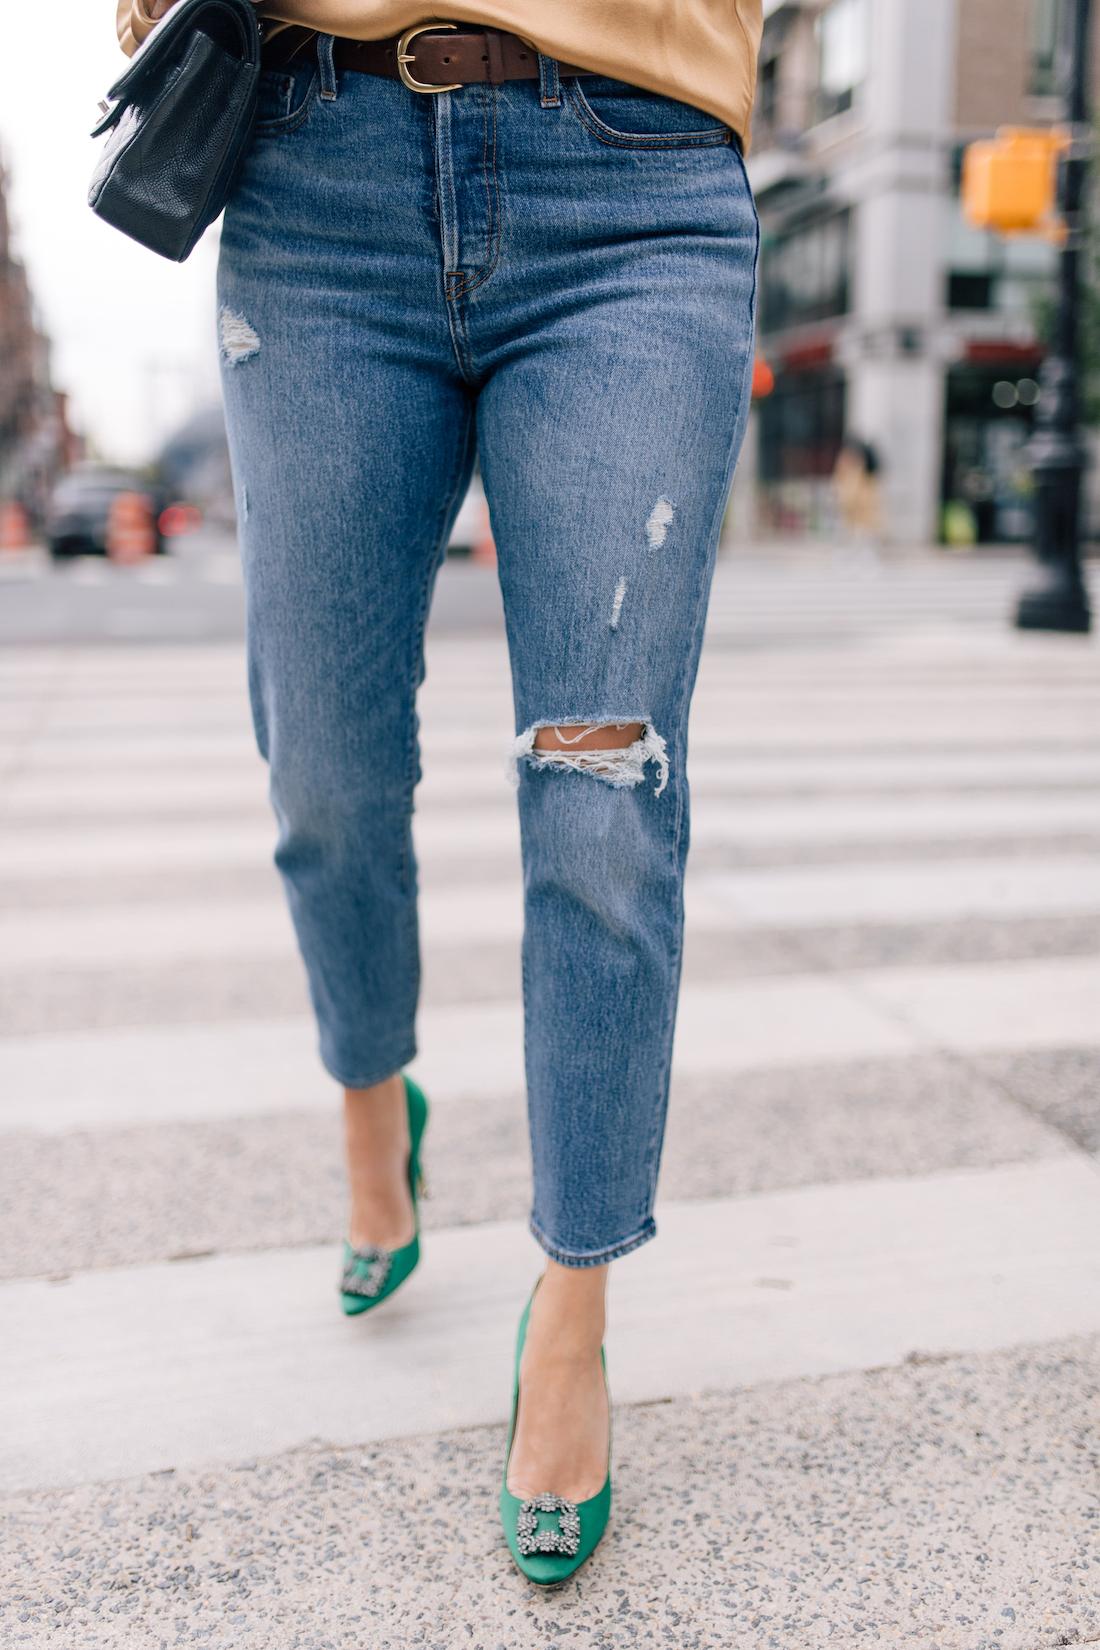 Outfit Details:Levi's Jeans // Tuckernuck Earrings//Manolo Blahnik Heels